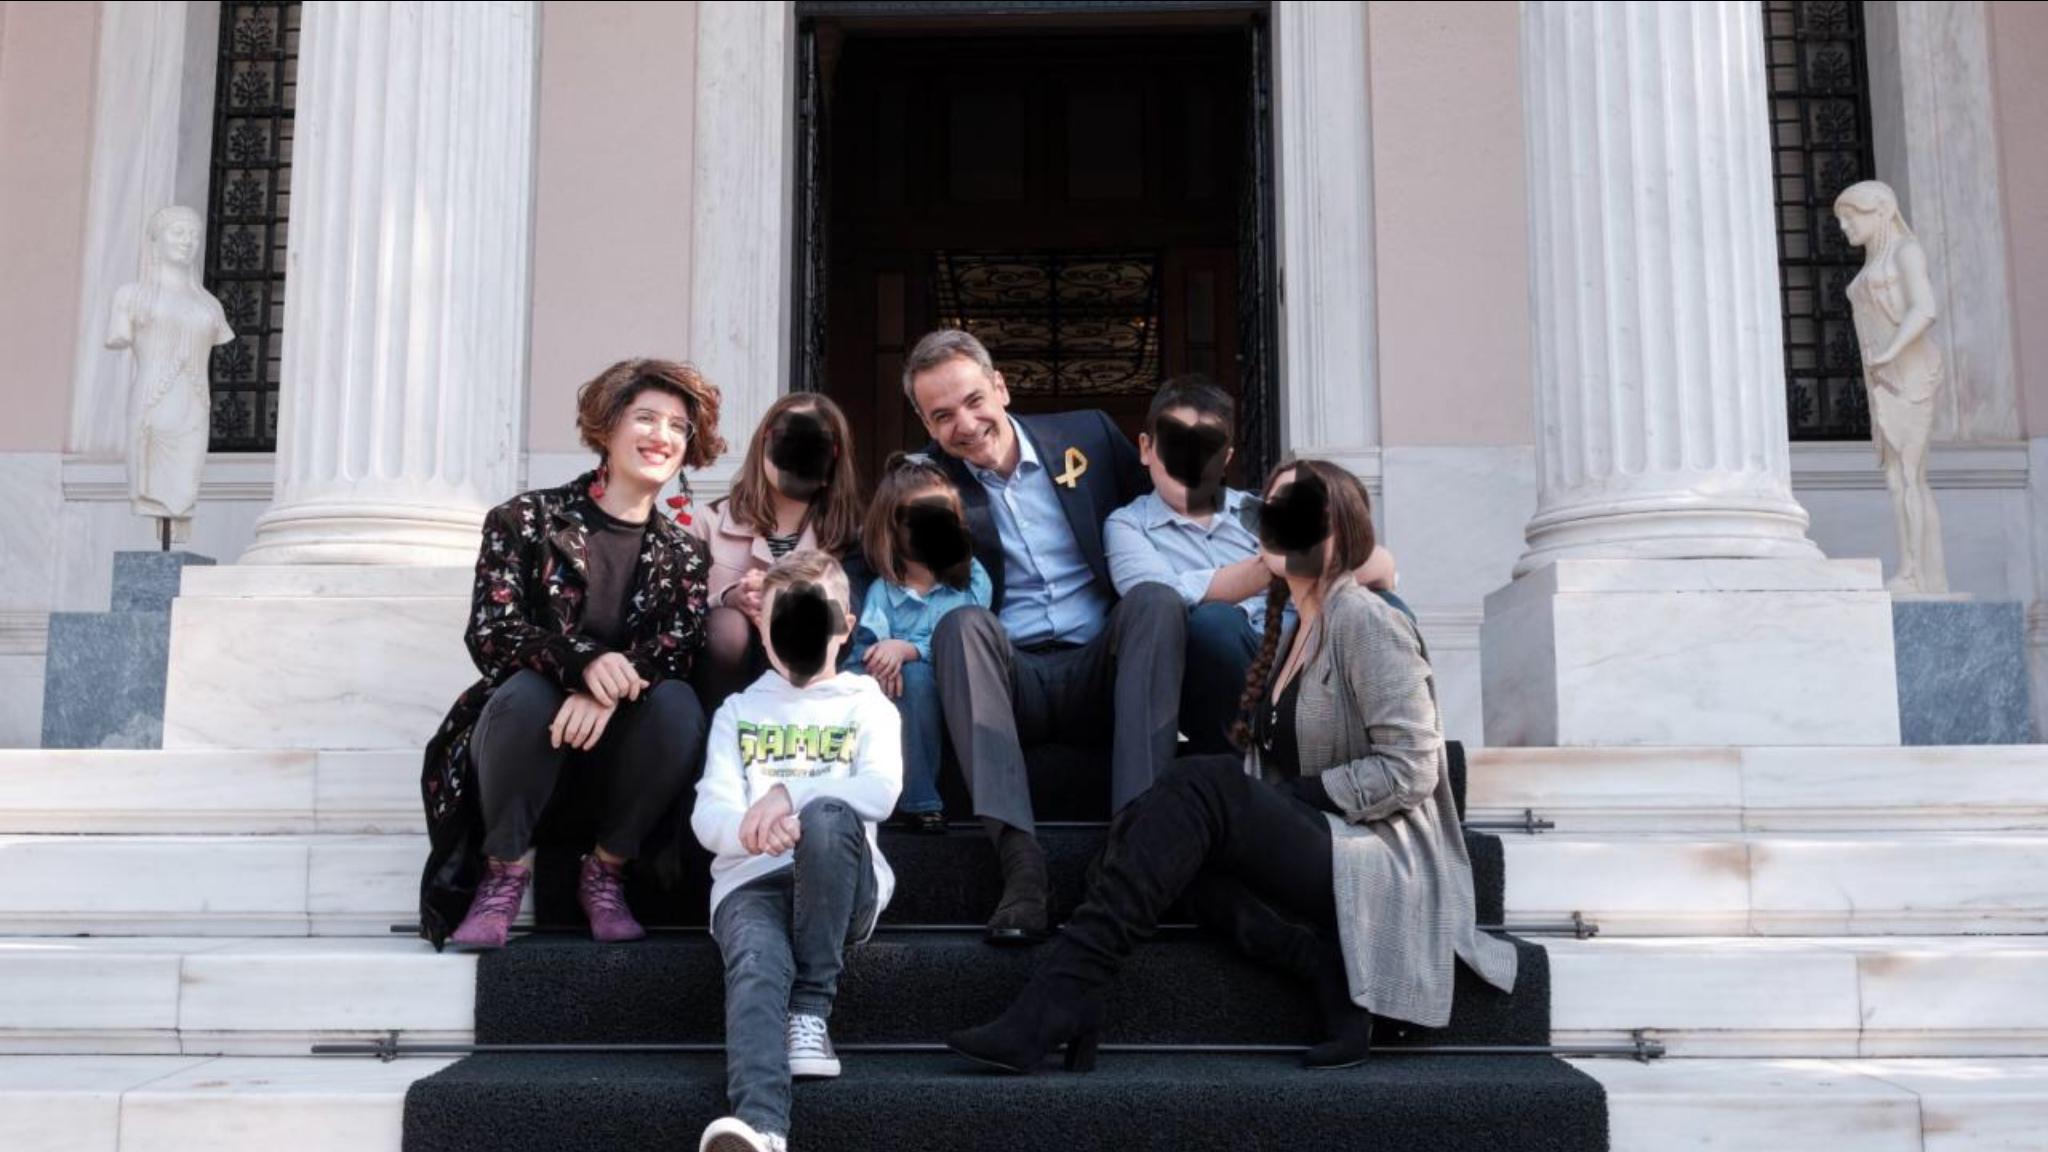 Ο Μητσοτάκης που έκοβε αντικαρκινικά φάρμακα για να μοιράζει εκατομμύρια από το ΚΕΕΛΠΝΟ σε δημοσιογράφους, φωτογραφήθηκε με παιδιά που νίκησαν τον καρκίνο